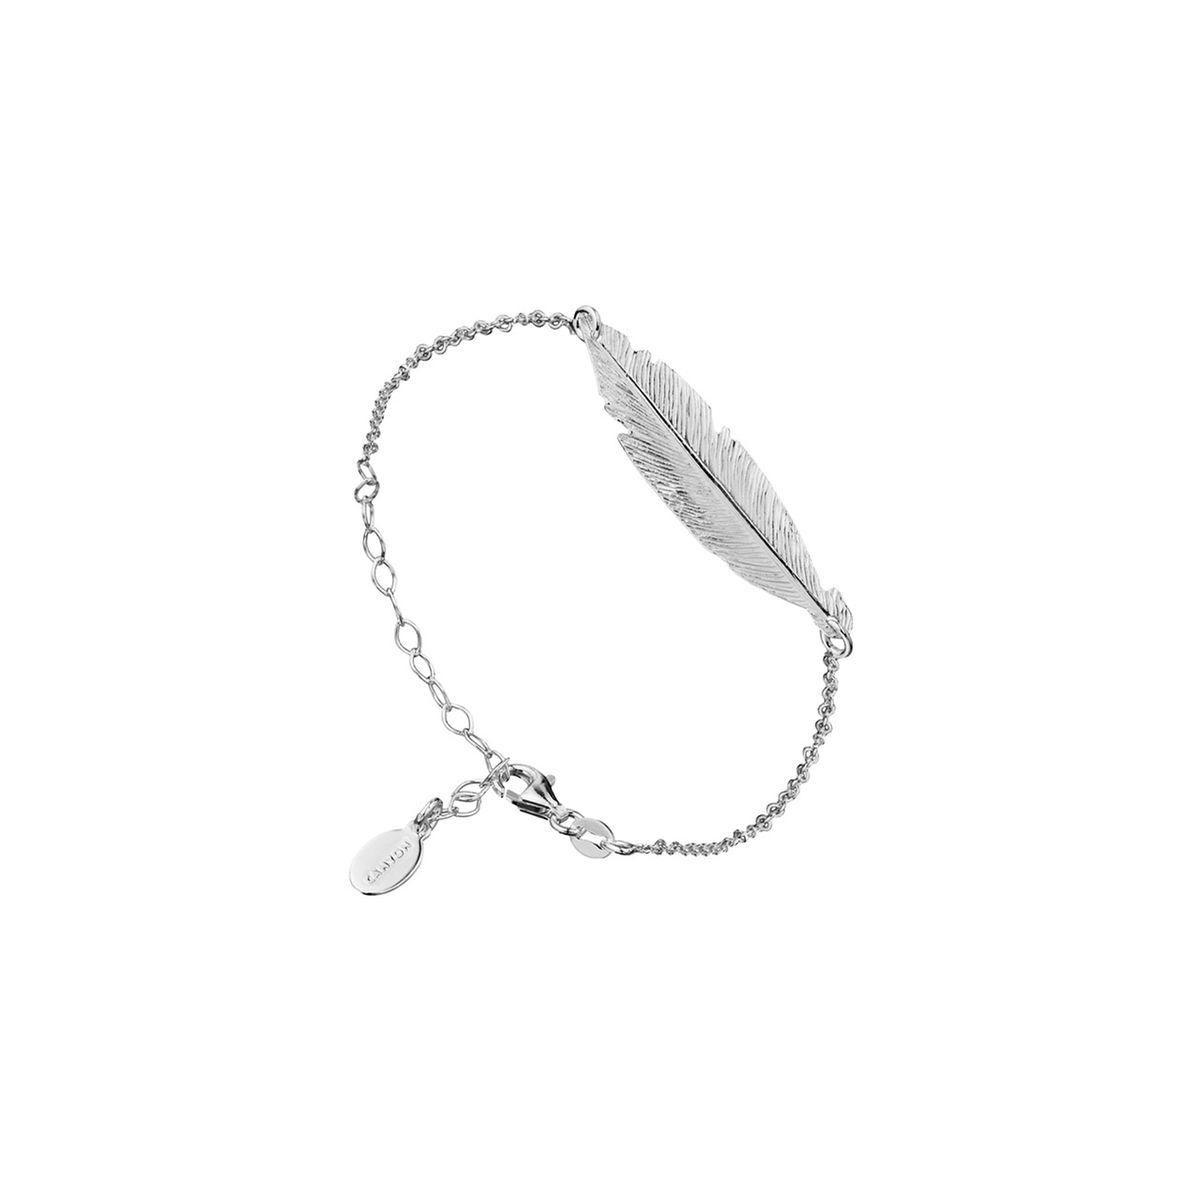 Bracelet chaîne plume en argent 925 passivé, 2.3g